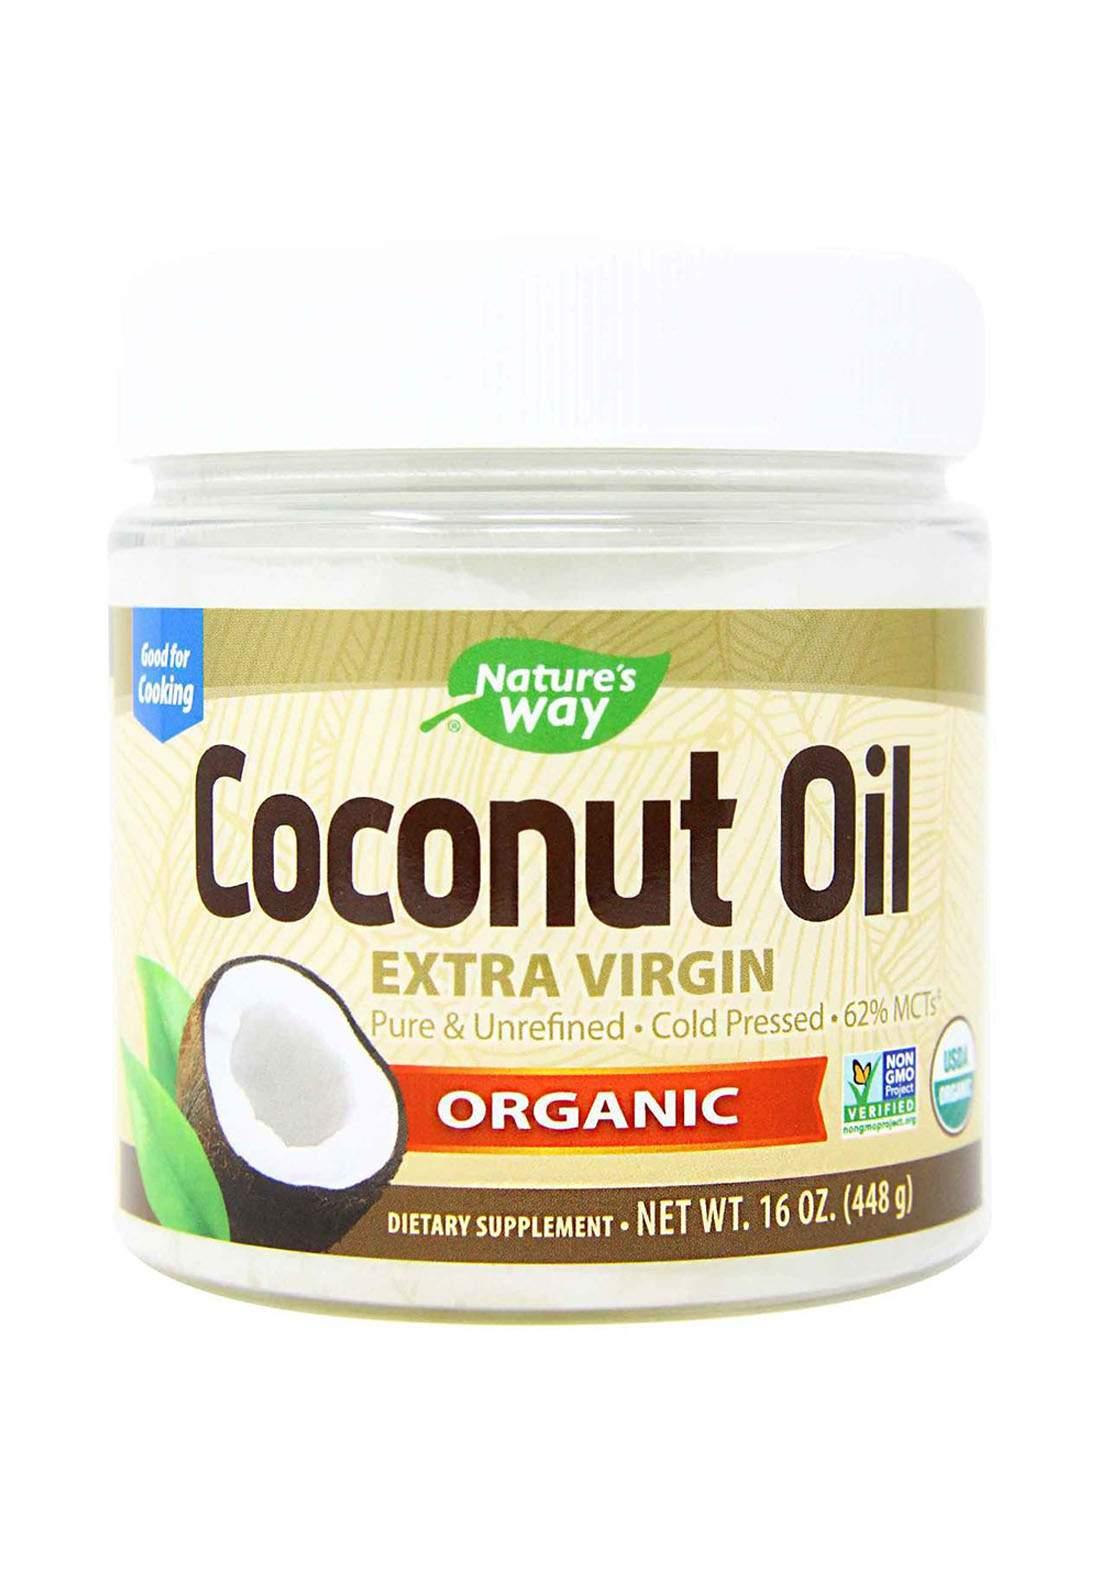 Nature's Way Organic Extra Virgin Coconut Oil - 454g زيت جوز الهند المكمل الغذائي